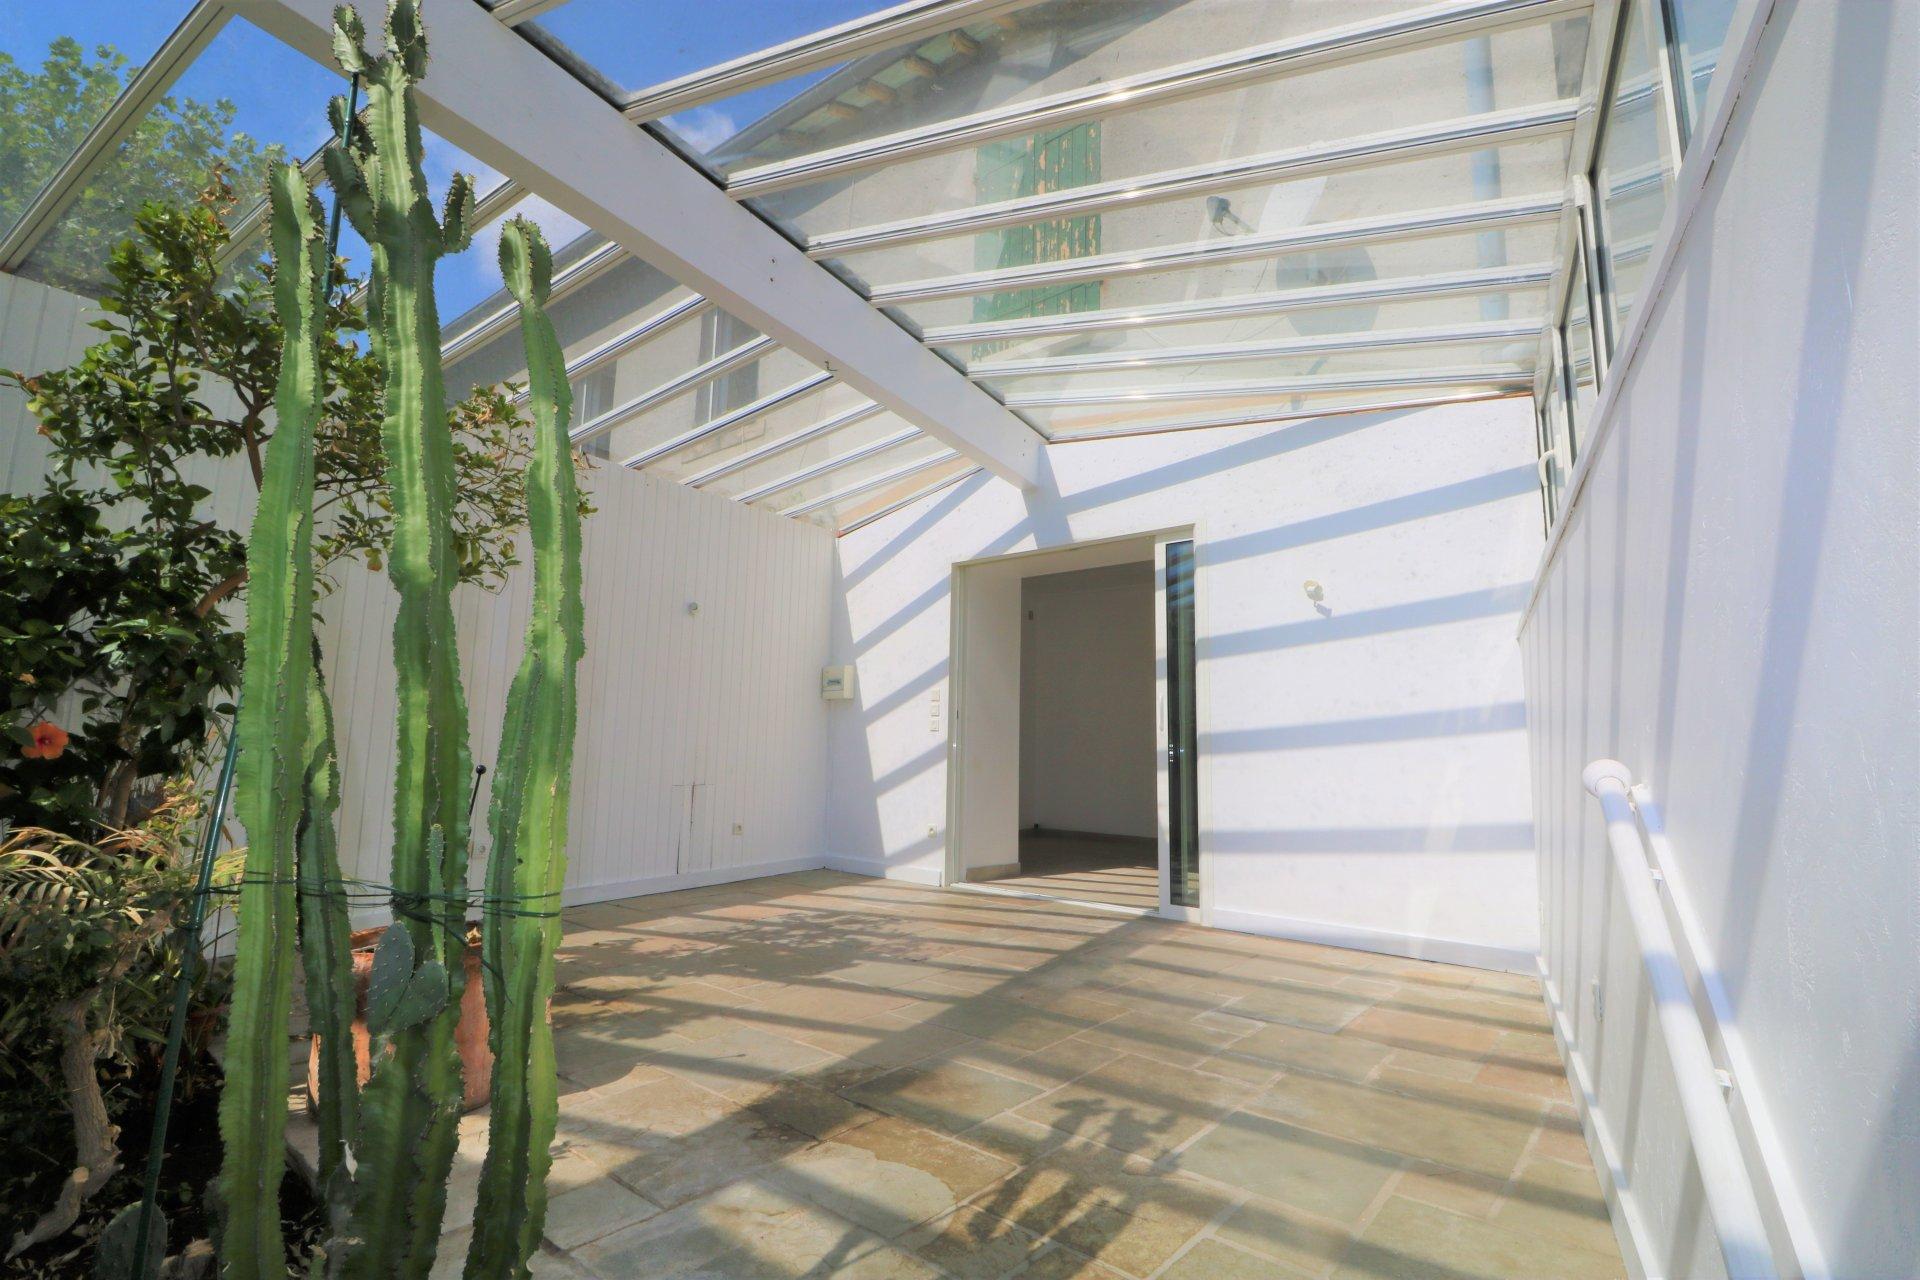 Maison de village 85m2 + jardin